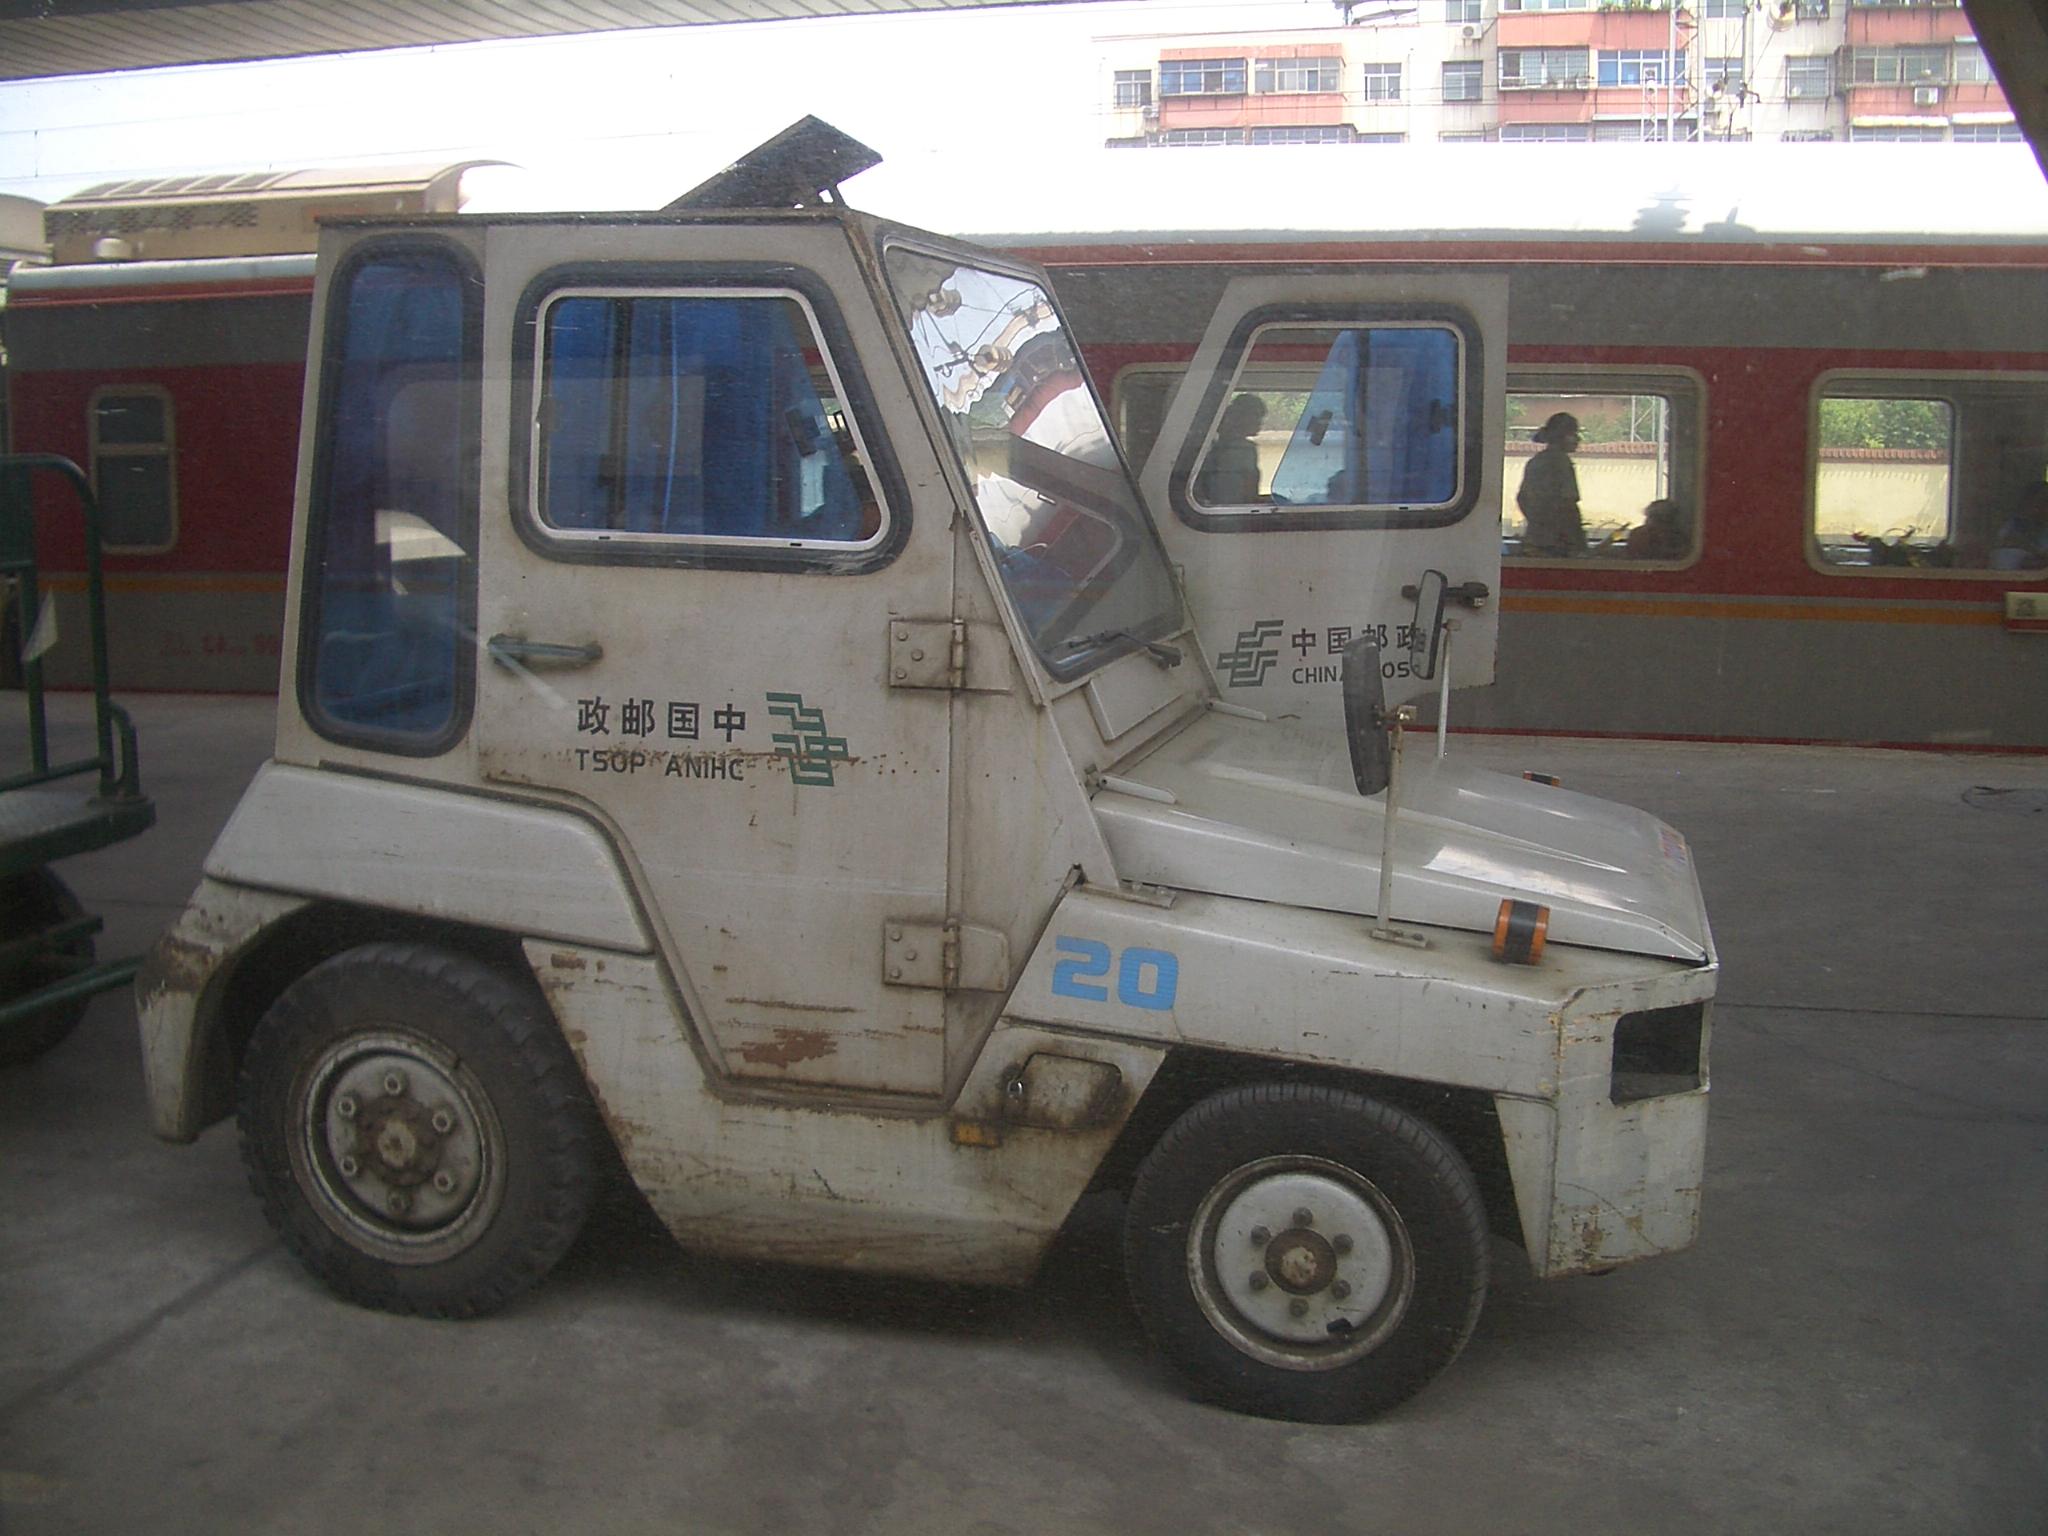 China Post Office car